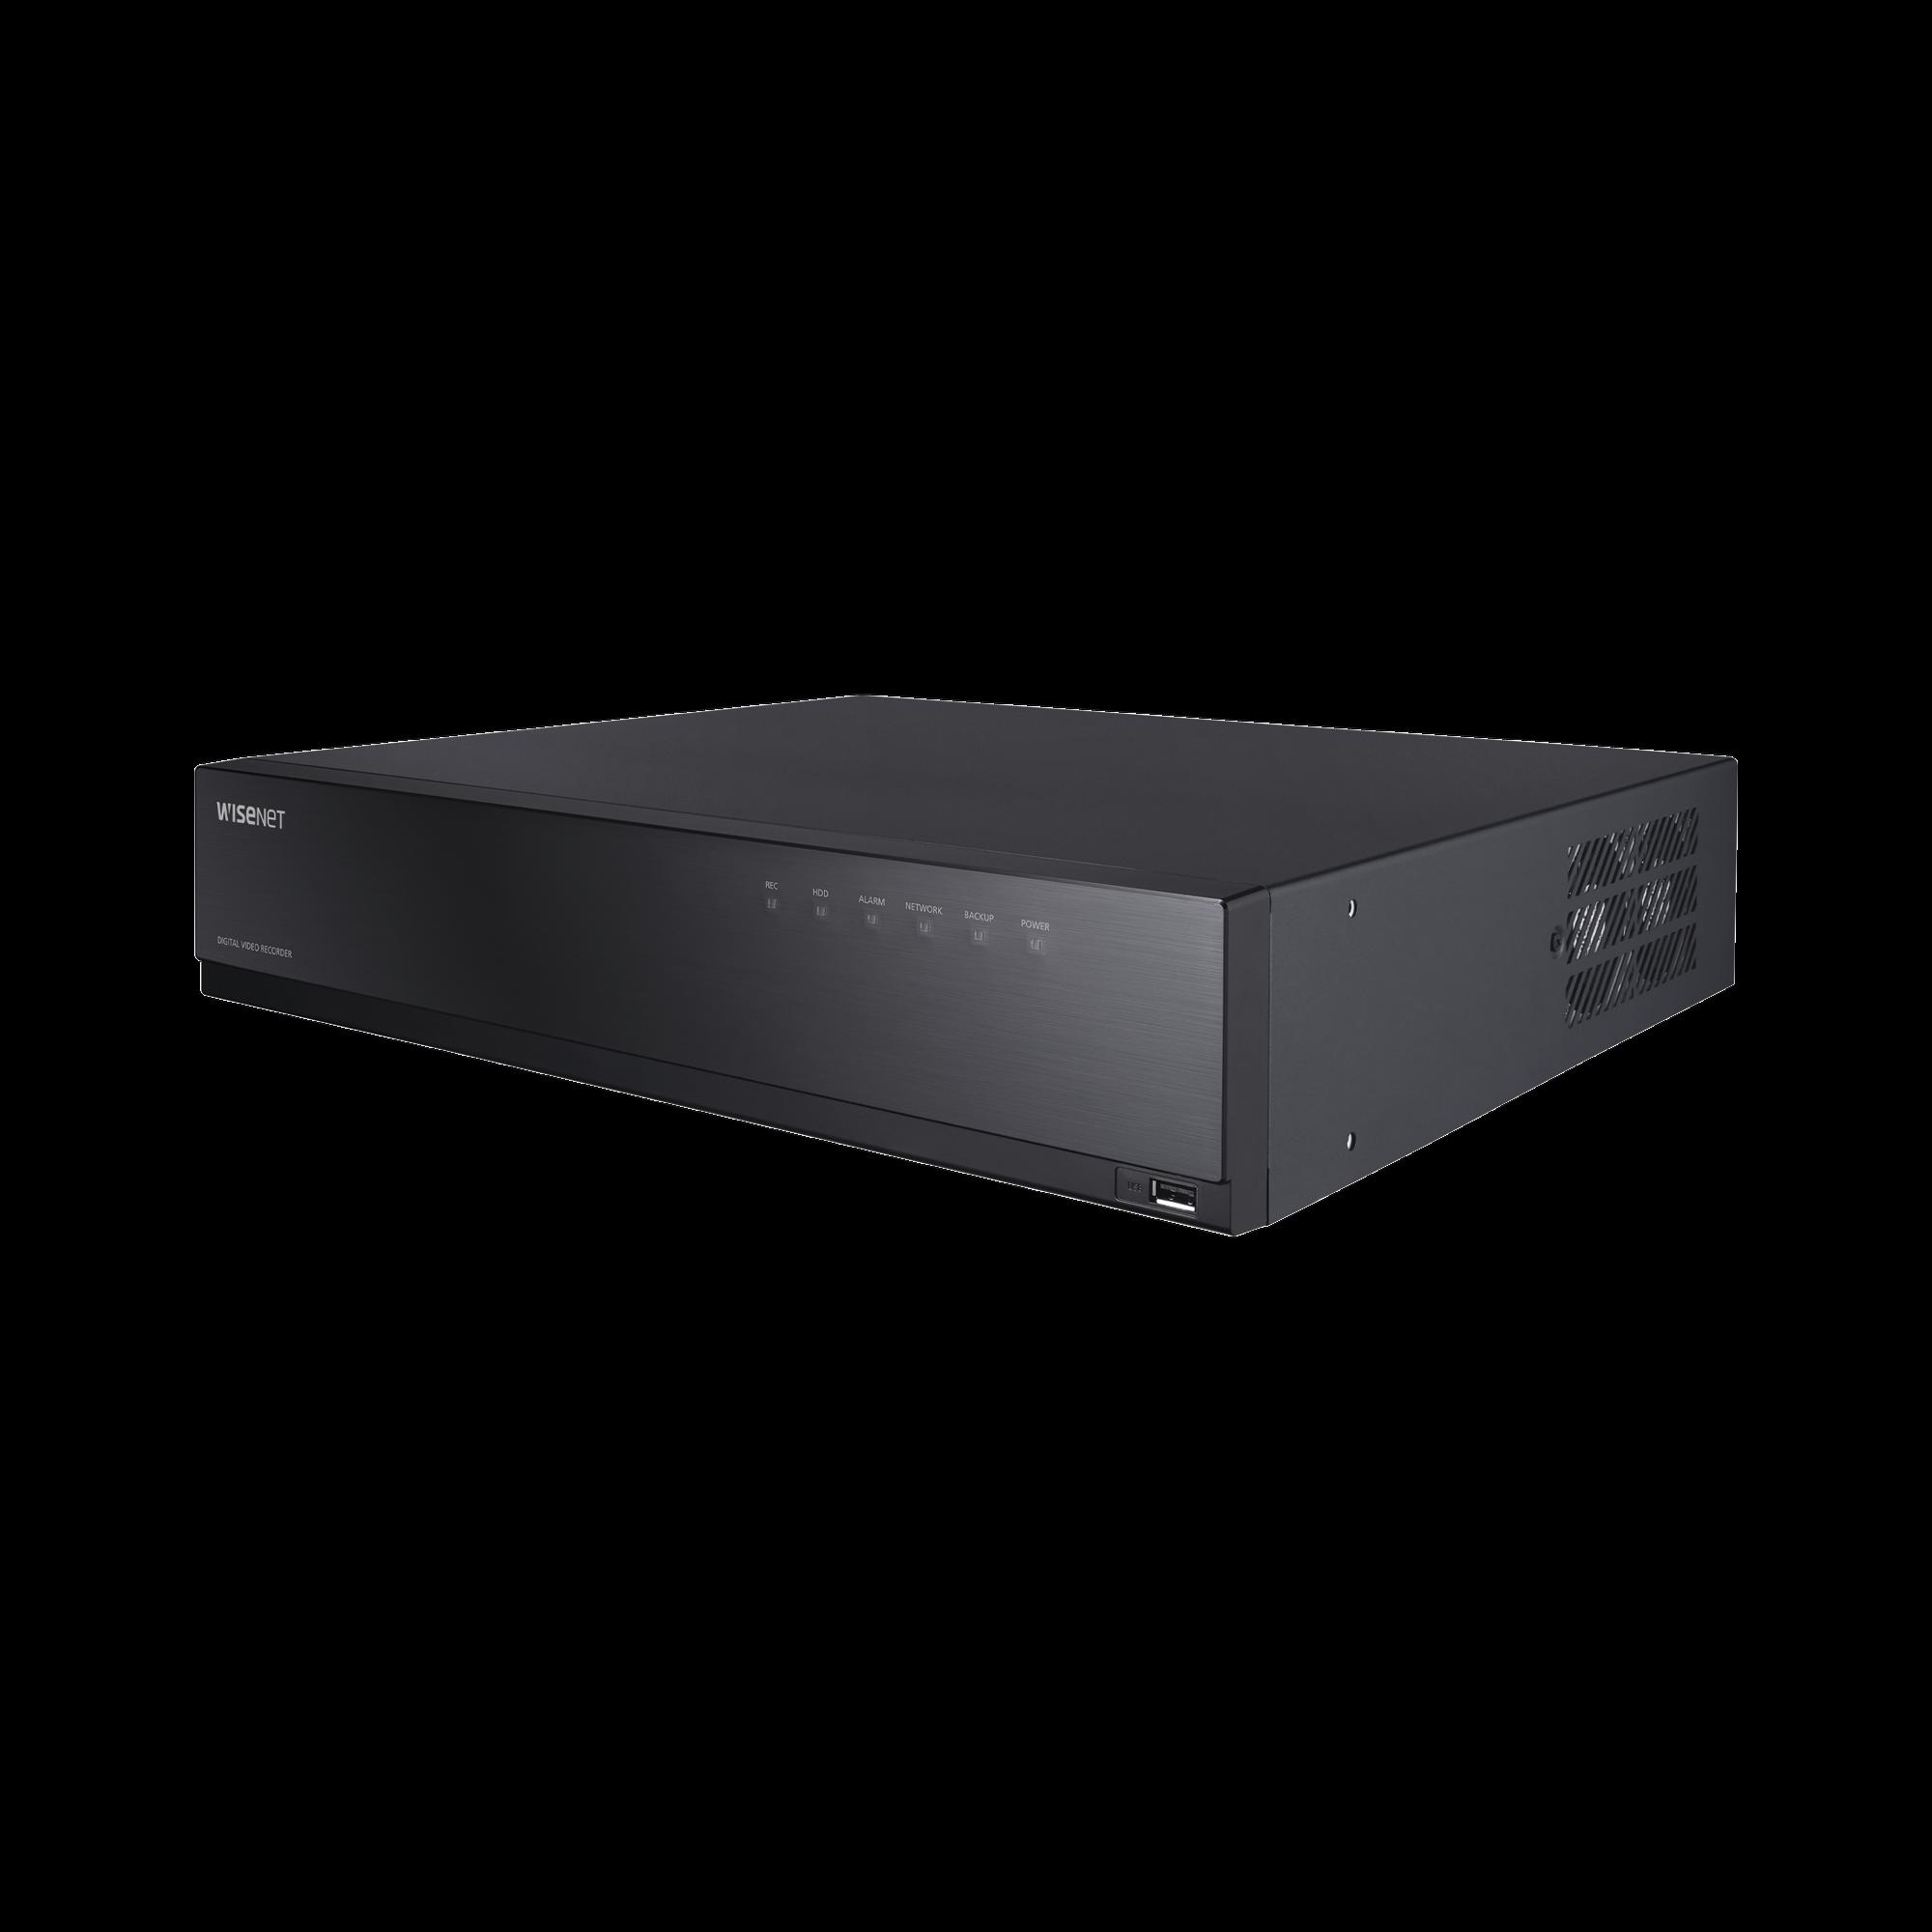 DVR 16 Canales Analogicos + 2 canales IP hasta 8 Megapixel / Soporta 4 Tecnologías (AHD, TVI, CVI, CVBS) / Hasta 8 HDDs / Entradas y Salidas de Audio y Alarma